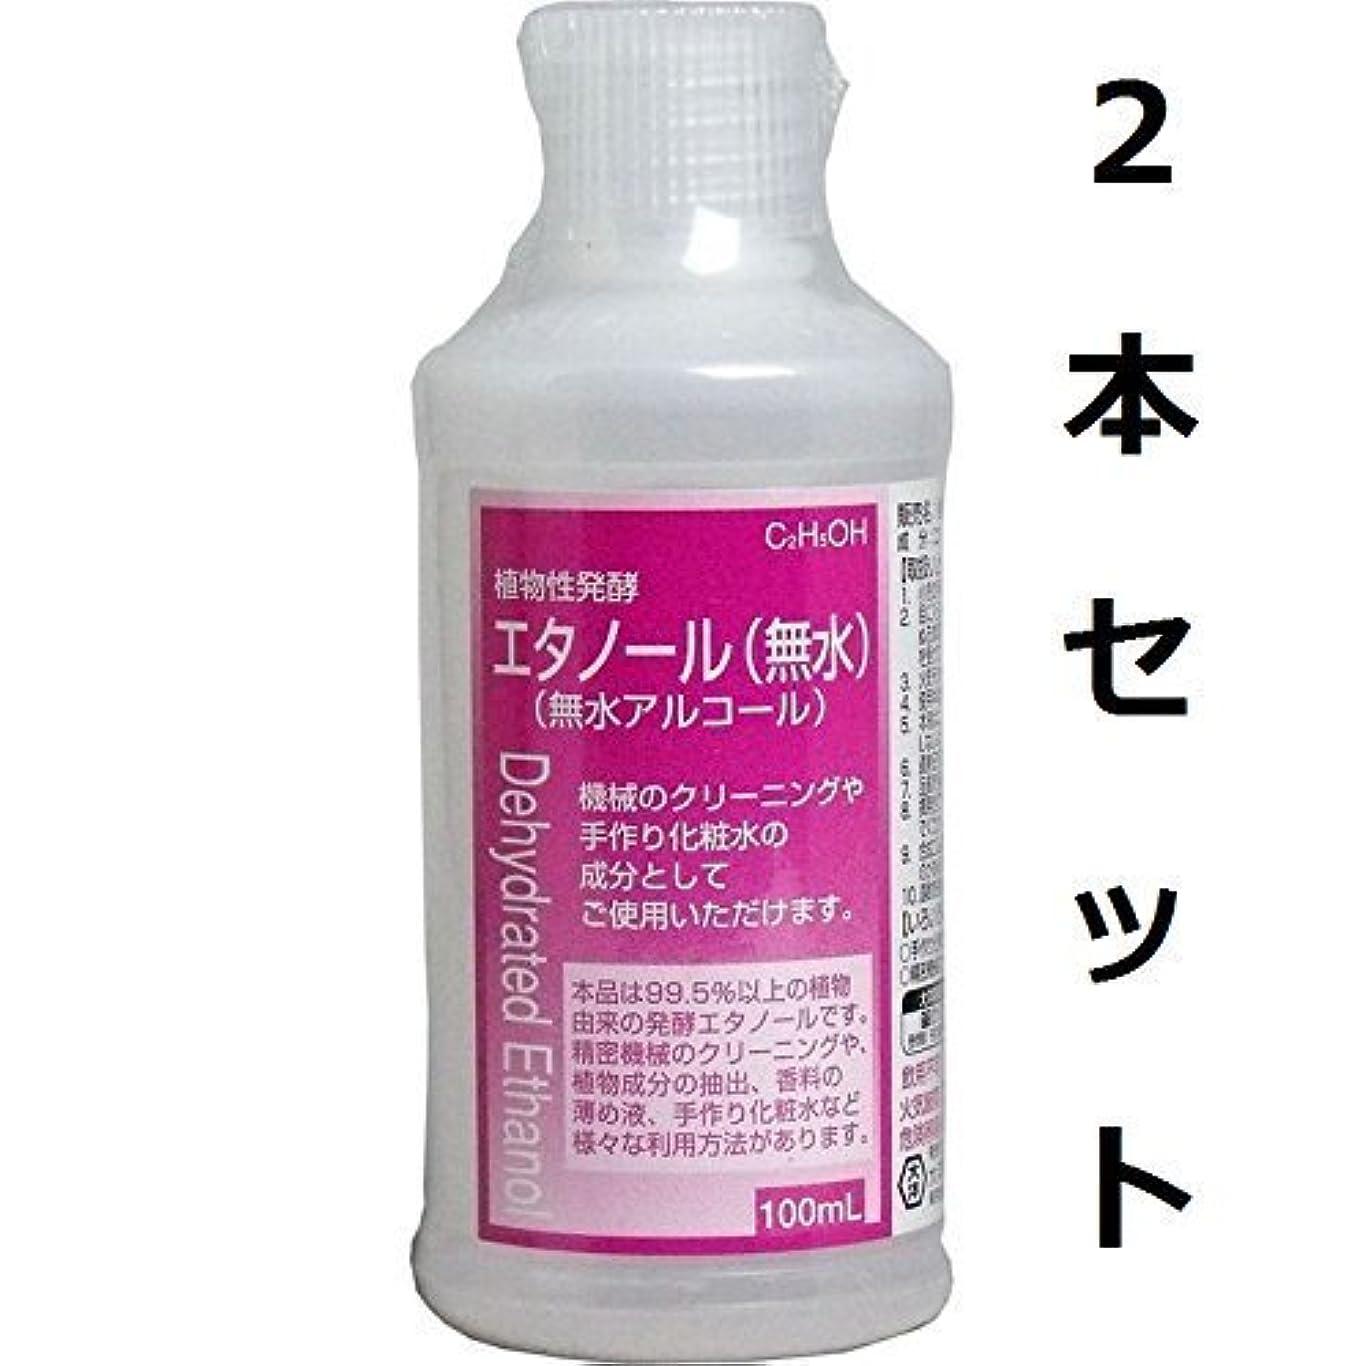 スリム選出する病な香料の薄め液に 植物性発酵エタノール(無水エタノール) 100mL 2本セット by 大洋製薬